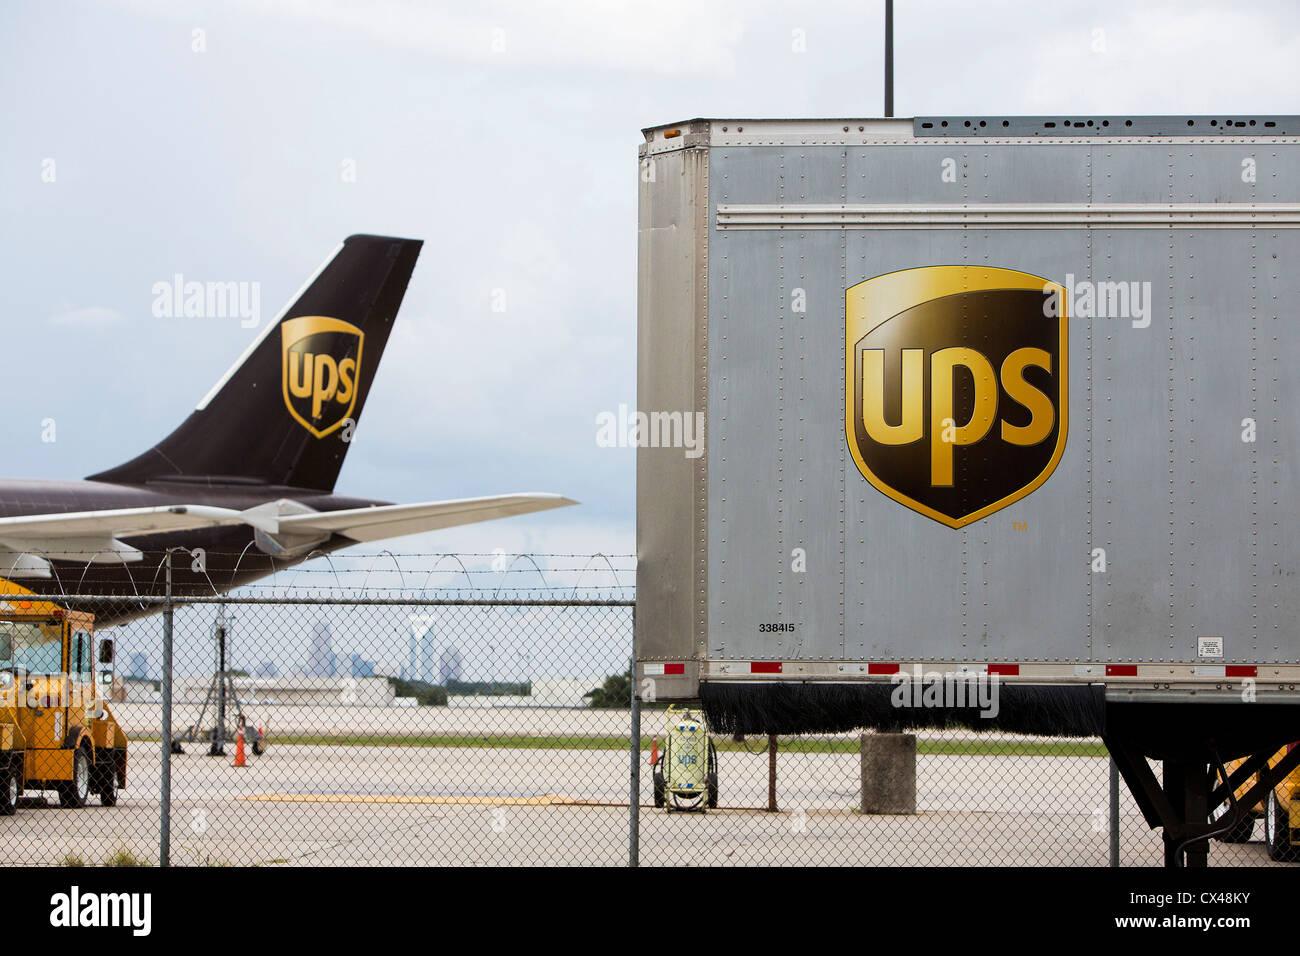 Un United Parcel Service (UPS) avion cargo à l'extérieur d'une installation de tri. Photo Stock